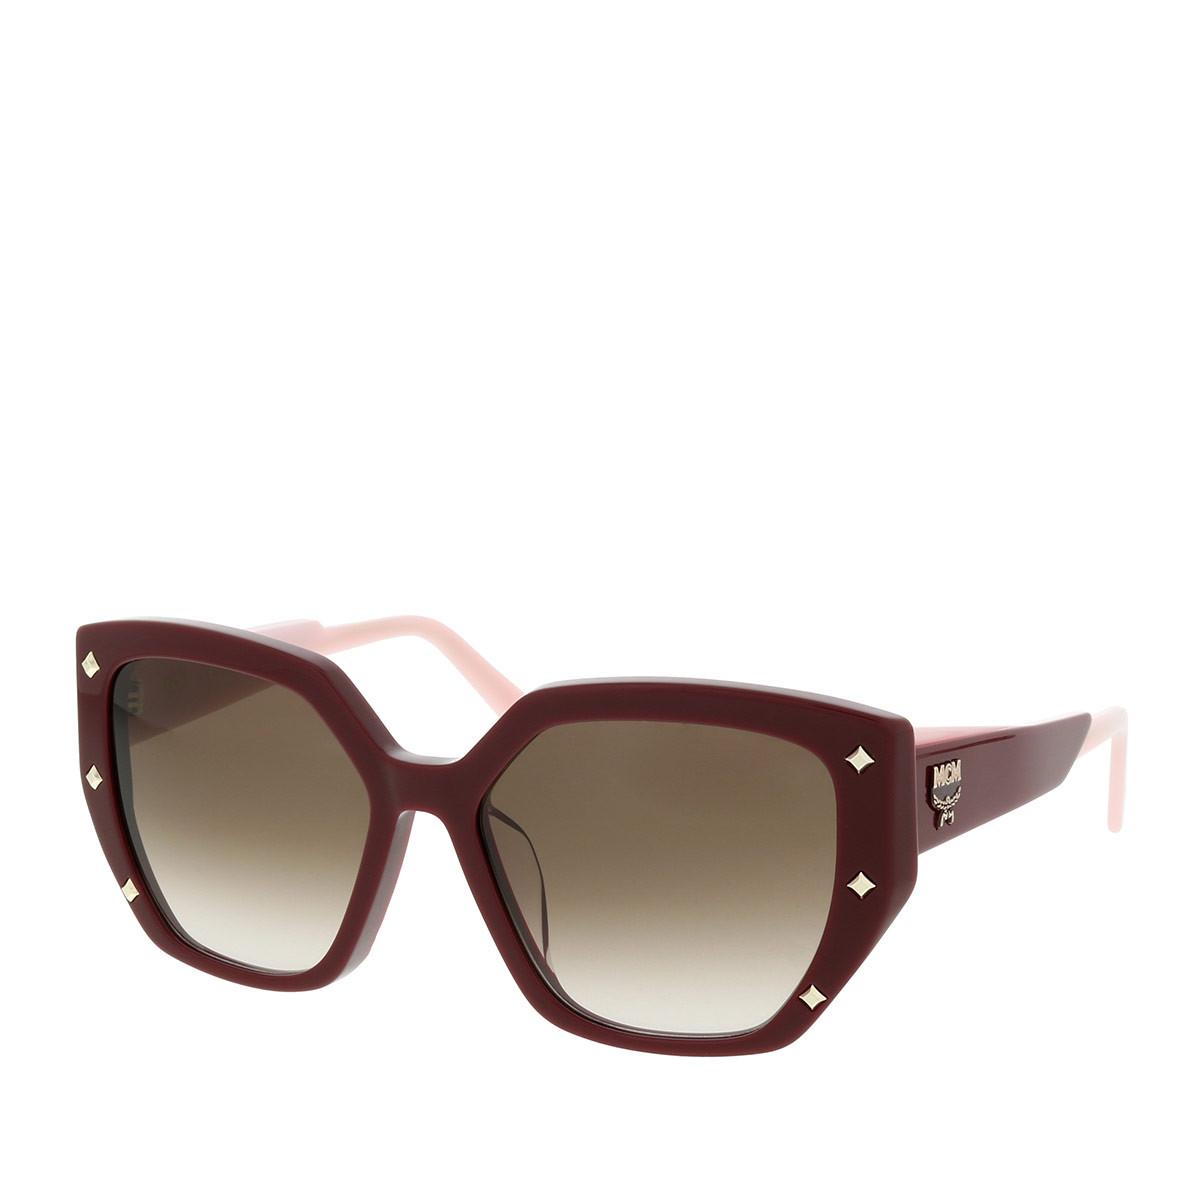 MCM Sonnenbrille - MCM674SA Bordeaux - in rot - für Damen